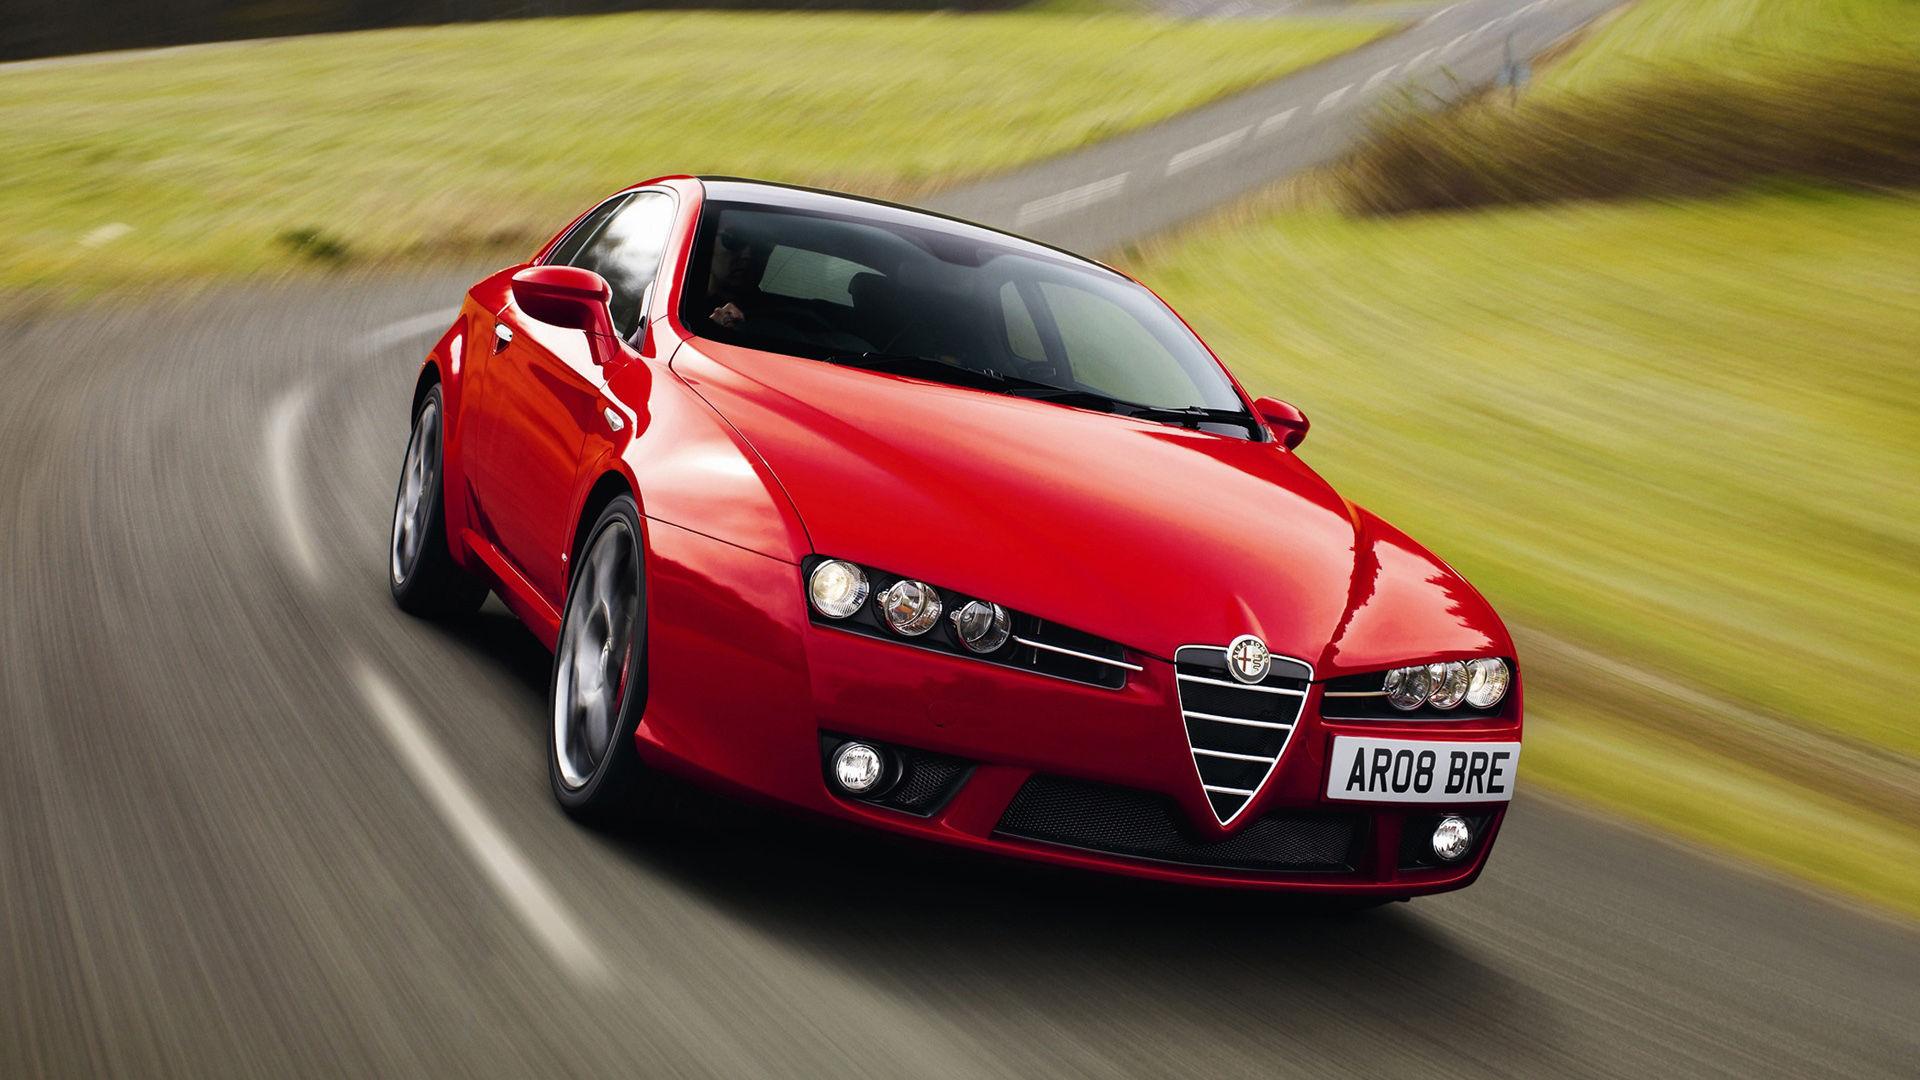 2008 Alfa Romeo Brera S